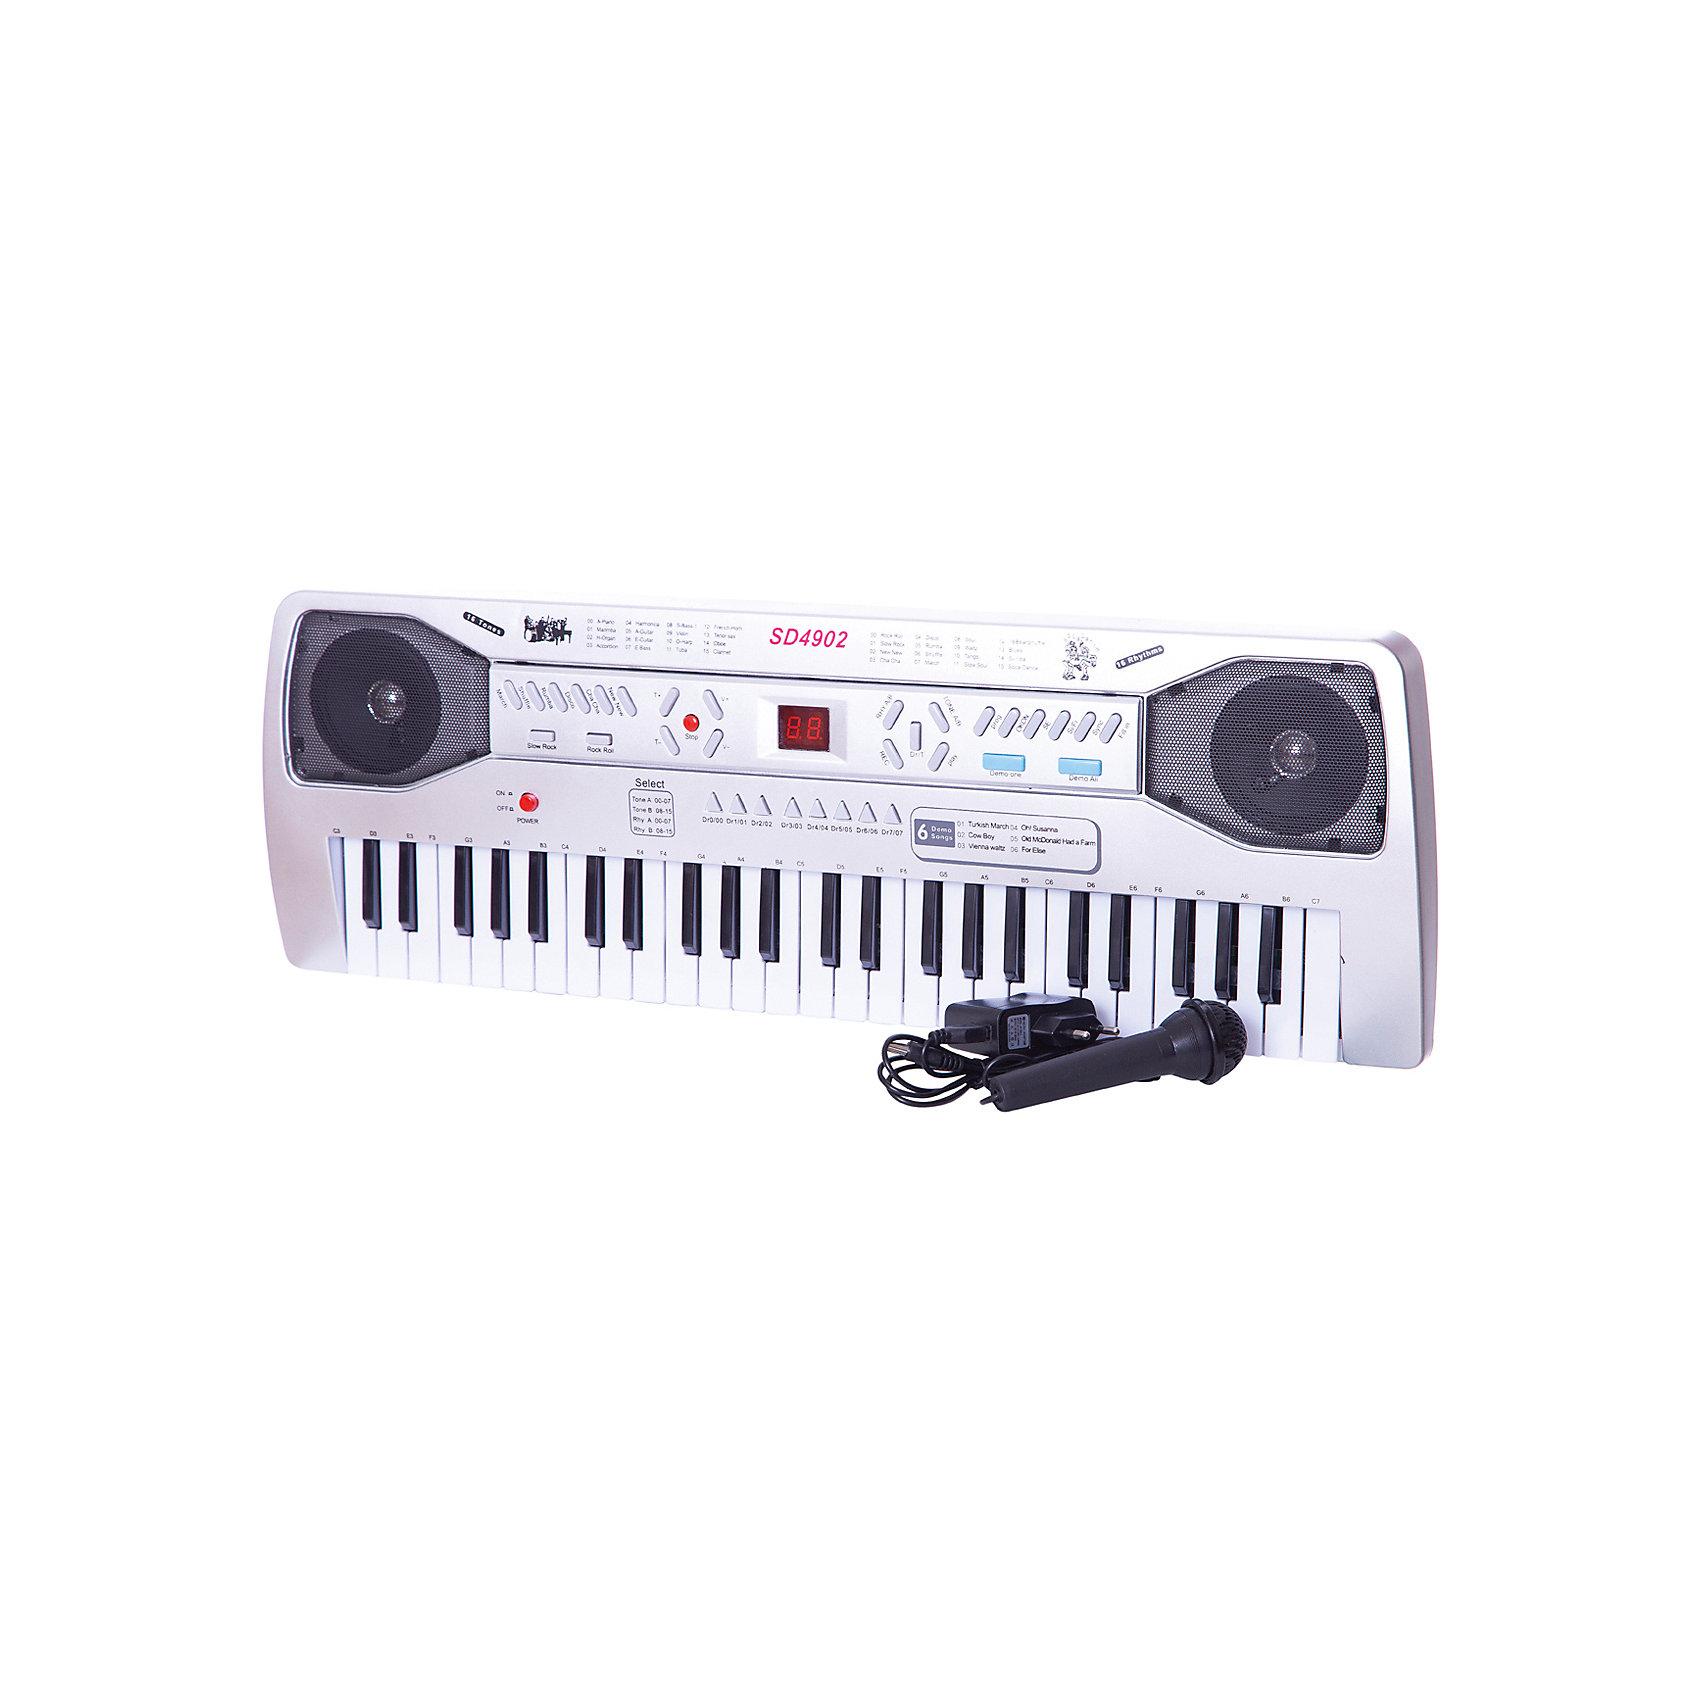 Синтезатор, 49 клавиш,  DoReMiСинтезатор, DoReMi станет замечательным подарком для Вашего ребенка и привлечет его к занятиям музыкой. Игрушку можно использовать как пианино с 49 клавишами, удобными для детских пальчиков и как синтезатор. Синтезатор обладает множеством функций которые позволяют создавать свои собственные композиции, экспериментируя с звуком и меняя тон и темп. На панели Вы найдете 2 дисплея и следующие кнопки: 16 звуков музыкальных инструментов,  16 темпов ритма, 8 звуков электронной барабанной<br>установки, 6 песен.<br><br>Уровень громкости регулируется (16 уровней громкости), есть функция 32-х кратного увеличение темпа. Если включить входящий в комплект караоке-микрофон то можно почувствовать себя настоящим певцом и устраивать настоящие концерты. А с помощью функции записи ребенок сможет сохранить созданные им композиции и воспроизвести их после. Предусмотрен режим обучения и автоматическое отключение. Синтезатор работает от встроенного адаптера 9V DC AC 220V или 6 батареек типа АА. Игрушка развивает у ребенка чувство ритма, двигательную активность рук и музыкальный слух.<br><br>Дополнительная информация:<br><br>- В комплекте: синтезатор, зарядное устройство, микрофон.<br>- Материал: пластик, металл.<br>- Требуются батарейки: 6 батареек типа АА (не входят в комплект). <br>- Размер игрушки: 59 х 20 х 5 см.<br>- Размер упаковки: 62 х 23,5 х 8,5 см.<br>- Вес: 1,611 кг.<br><br>Синтезатор, DoReMi можно купить в нашем интернет-магазине.<br><br>Ширина мм: 620<br>Глубина мм: 90<br>Высота мм: 238<br>Вес г: 1611<br>Возраст от месяцев: 60<br>Возраст до месяцев: 84<br>Пол: Унисекс<br>Возраст: Детский<br>SKU: 3813016